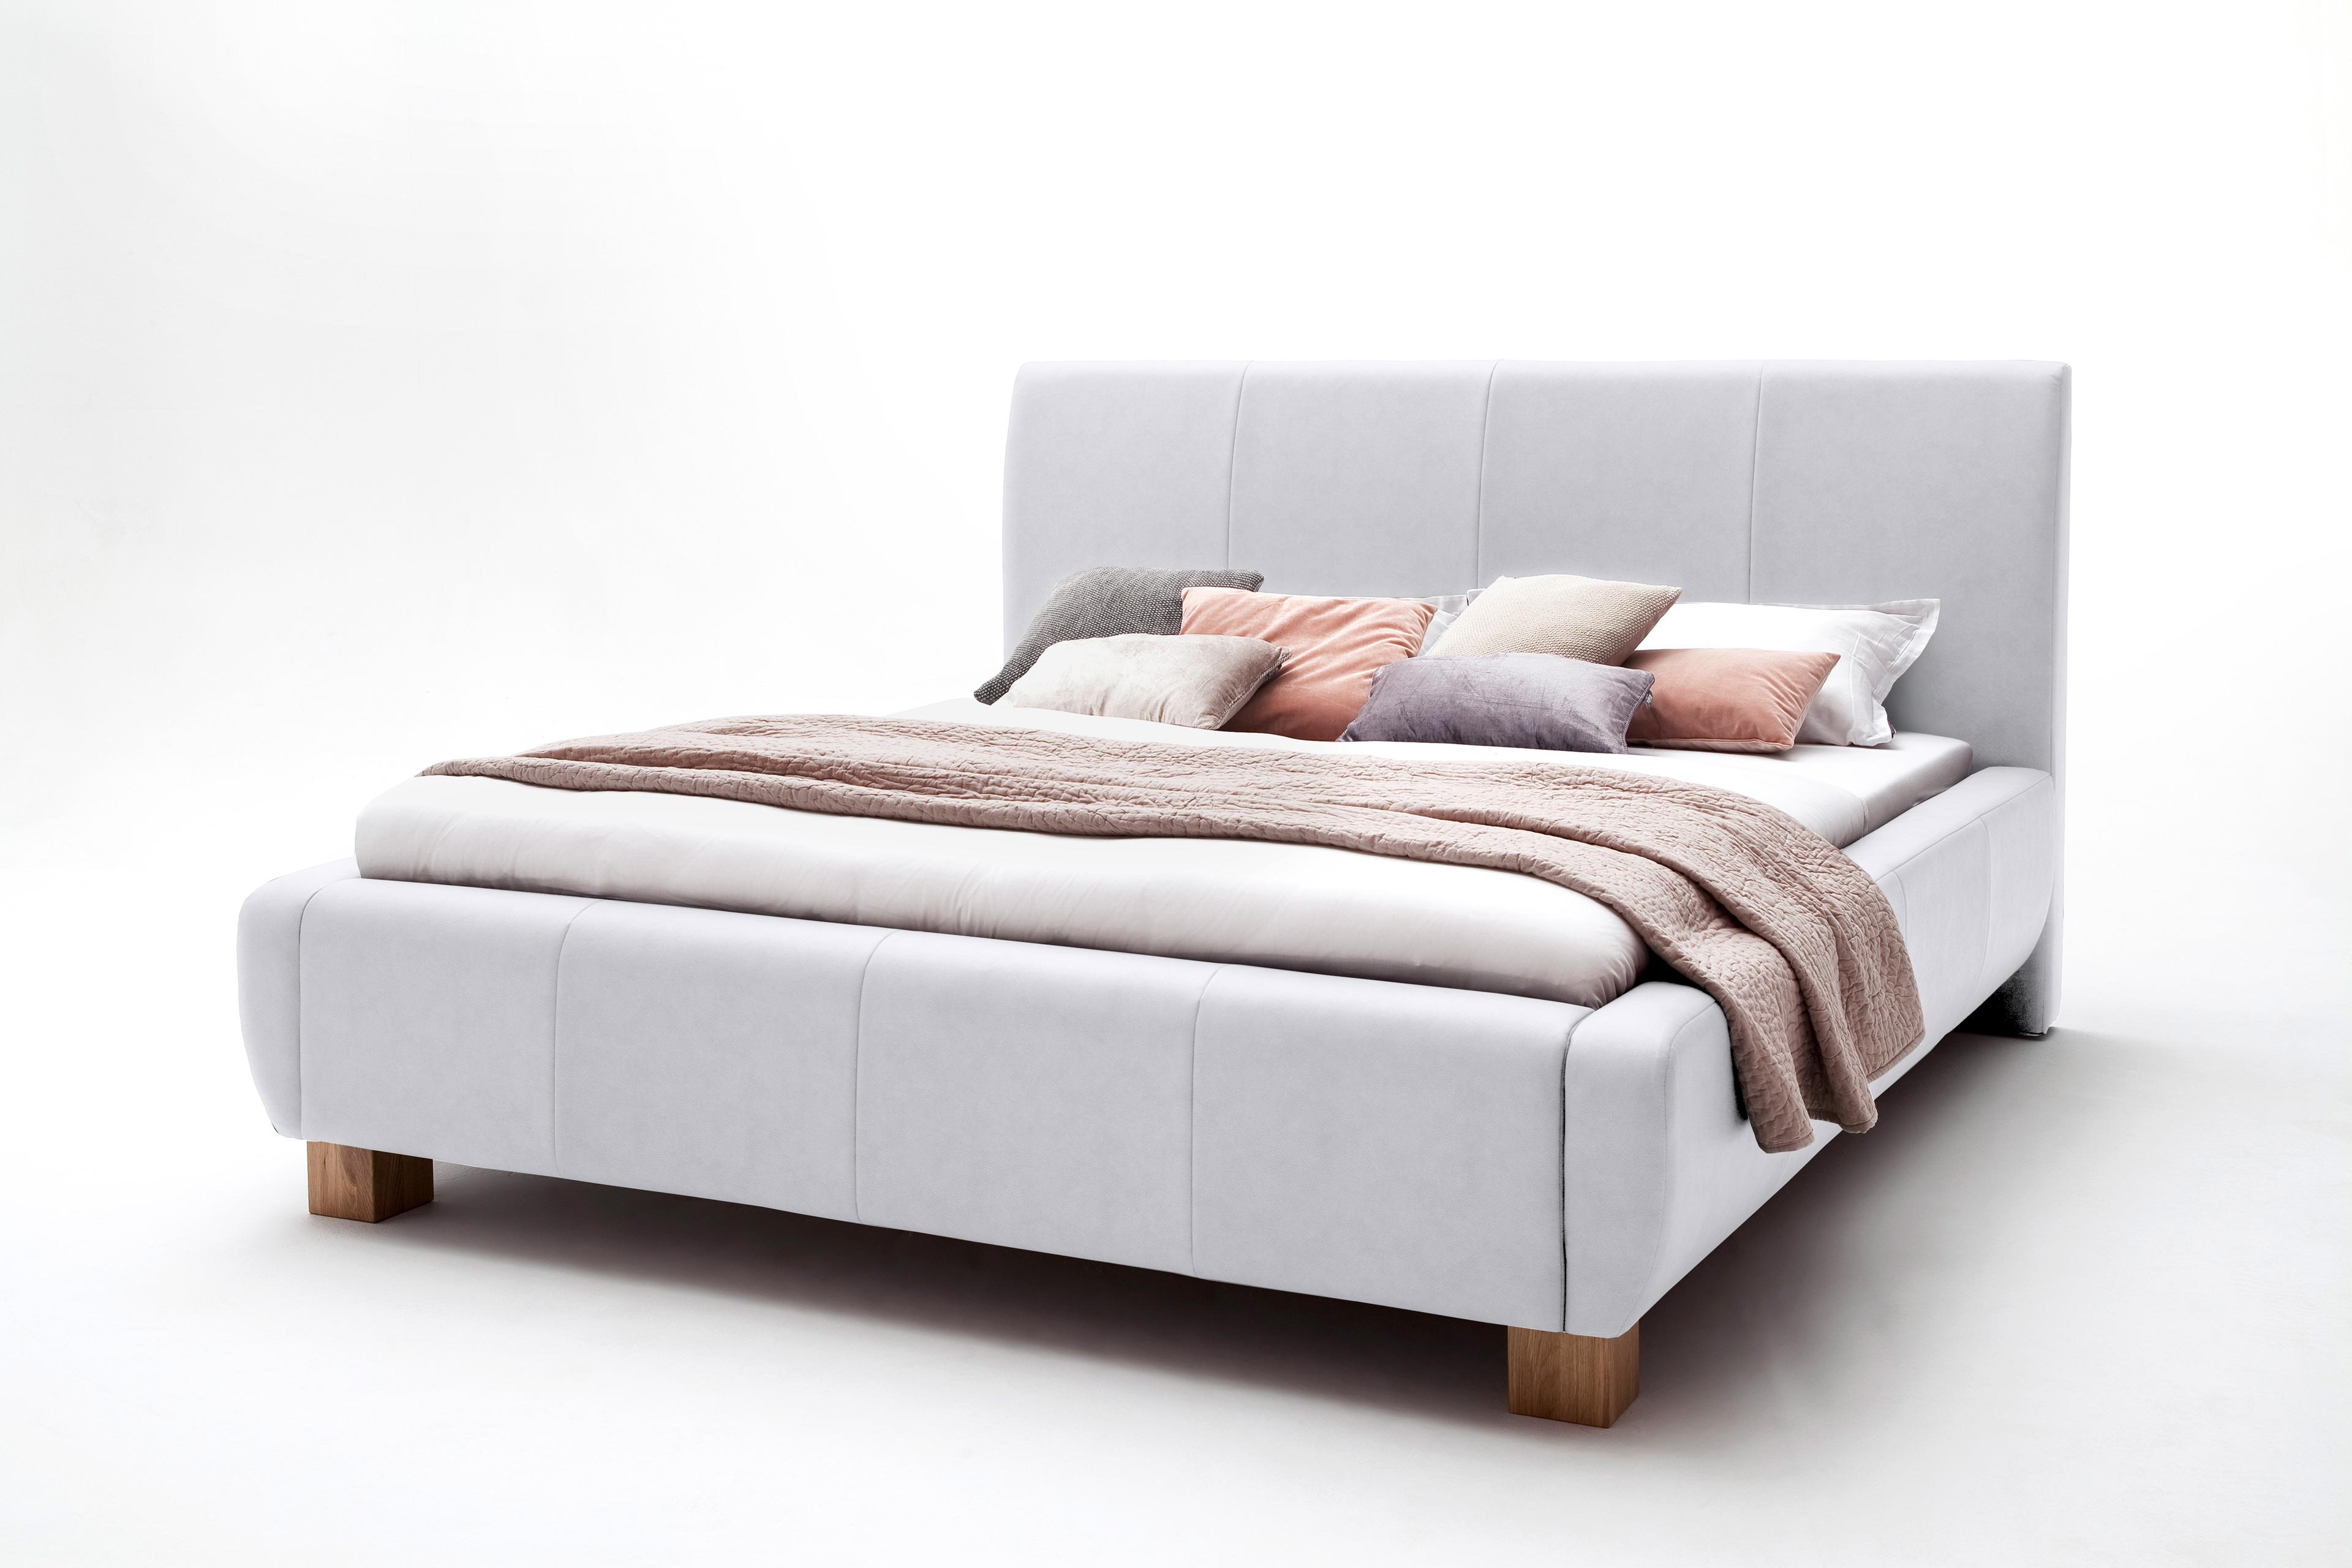 meise m bel fashion polsterbett in kunstleder wei antik. Black Bedroom Furniture Sets. Home Design Ideas